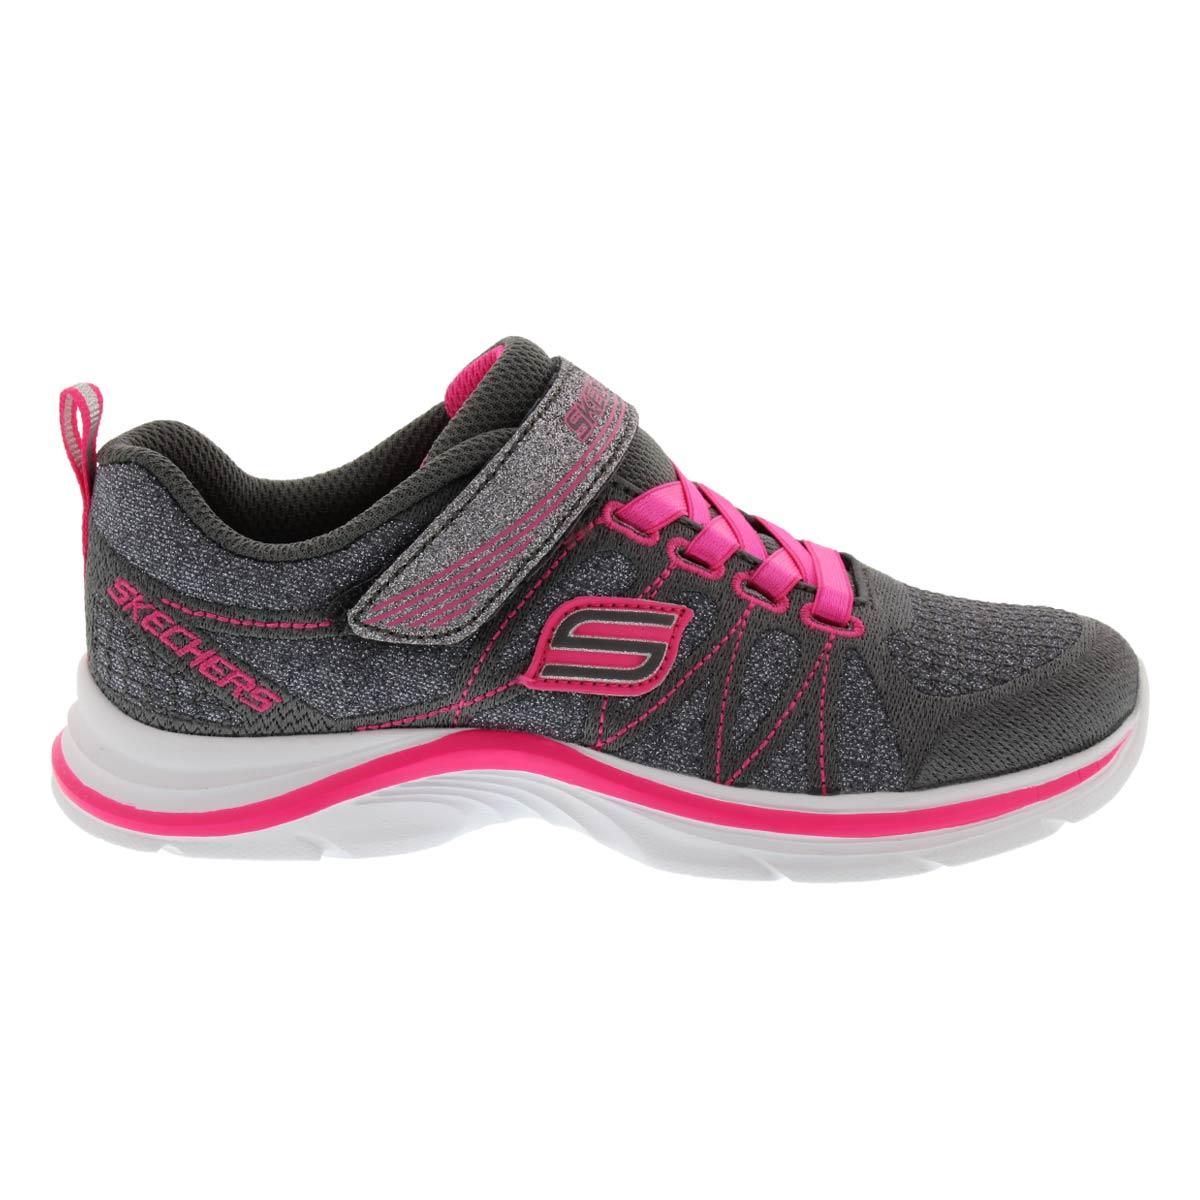 Grls Swift Kicks grey/pink sneaker